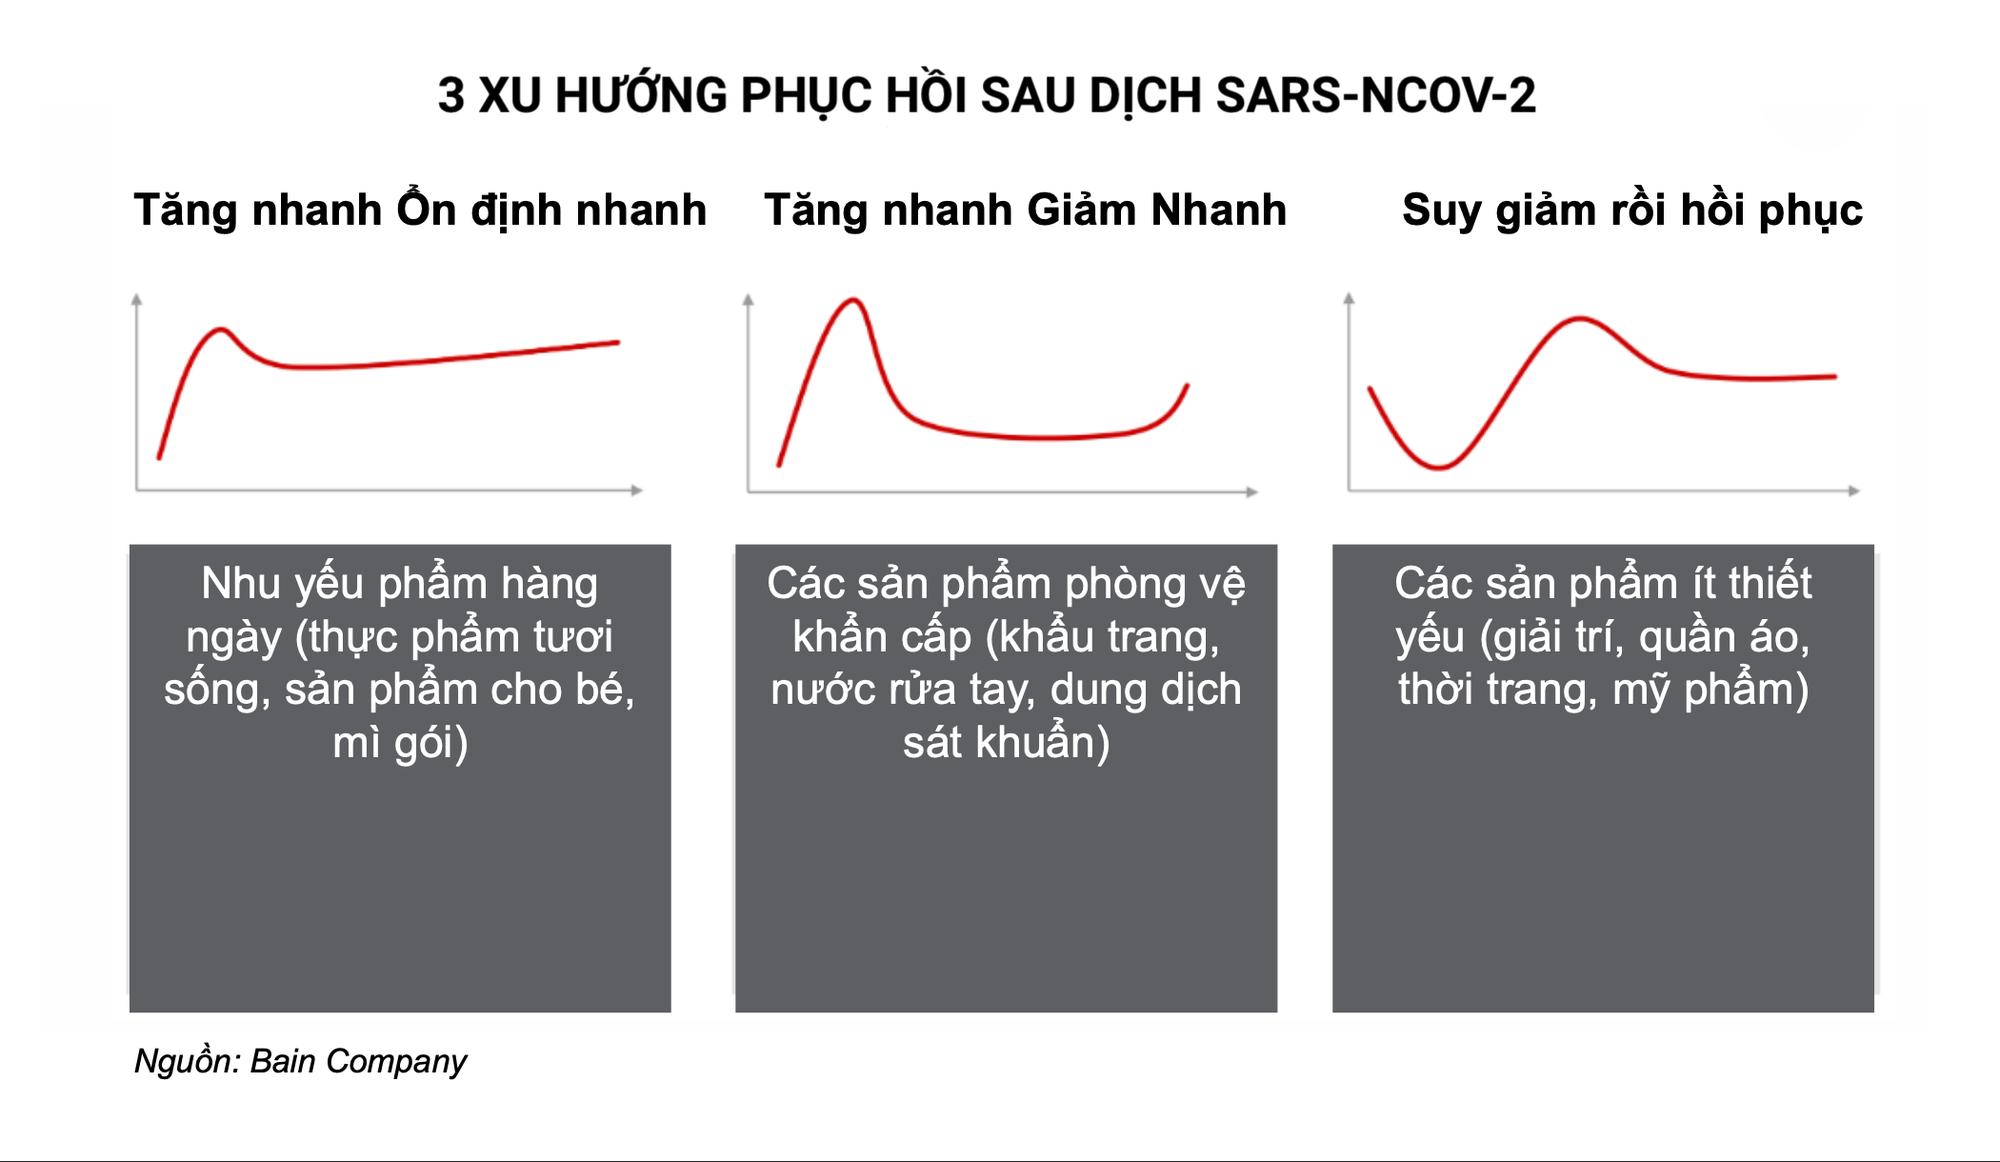 Cứ 5 người Sài Gòn, Hà Nội, Đà Nẵng, sẽ có 2 người mua mì gói nhiều hơn trong mùa dịch corona - Ảnh 4.